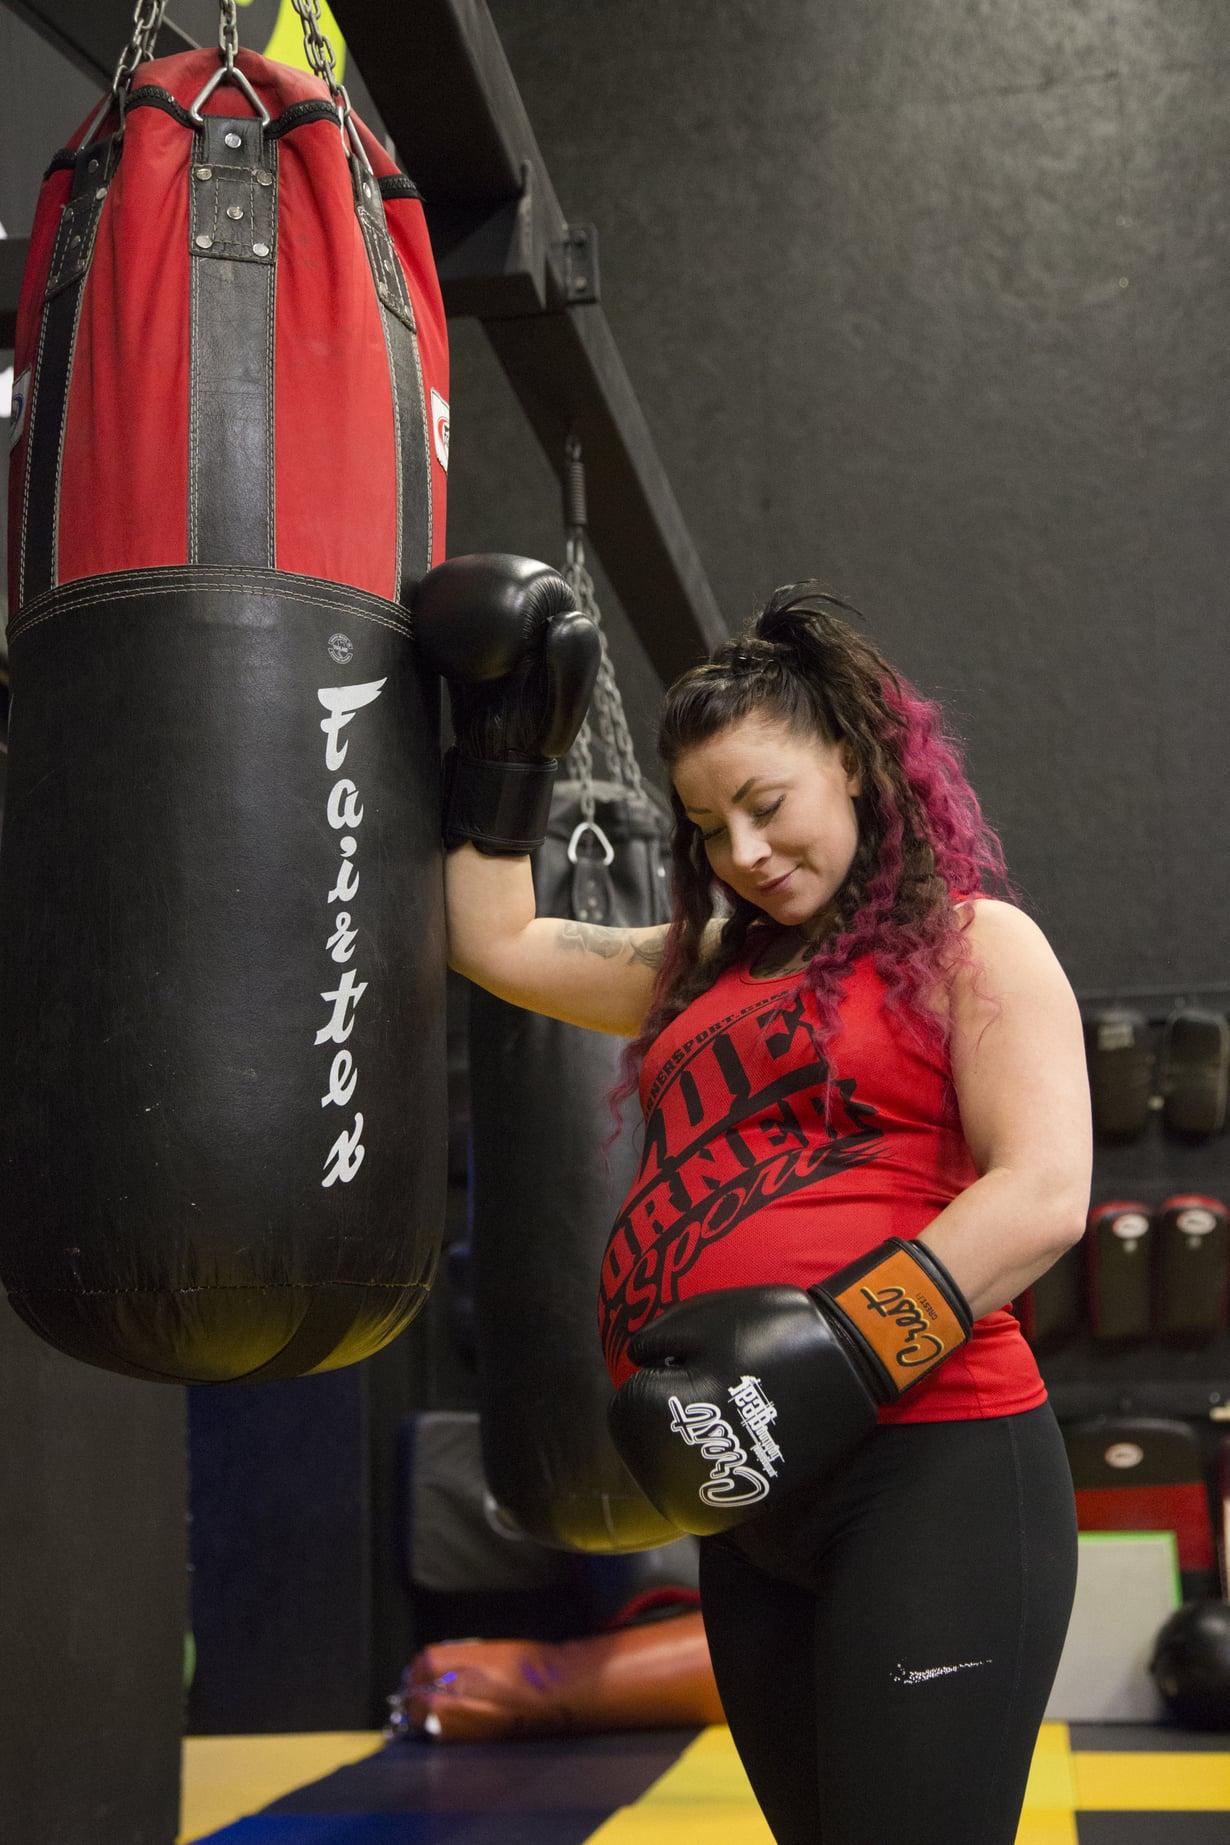 Raskausajan Emma urheilee kevyesti, mutta tähtää kyllä nyrkkeilyn SM-kisoihin ensi keväänä.